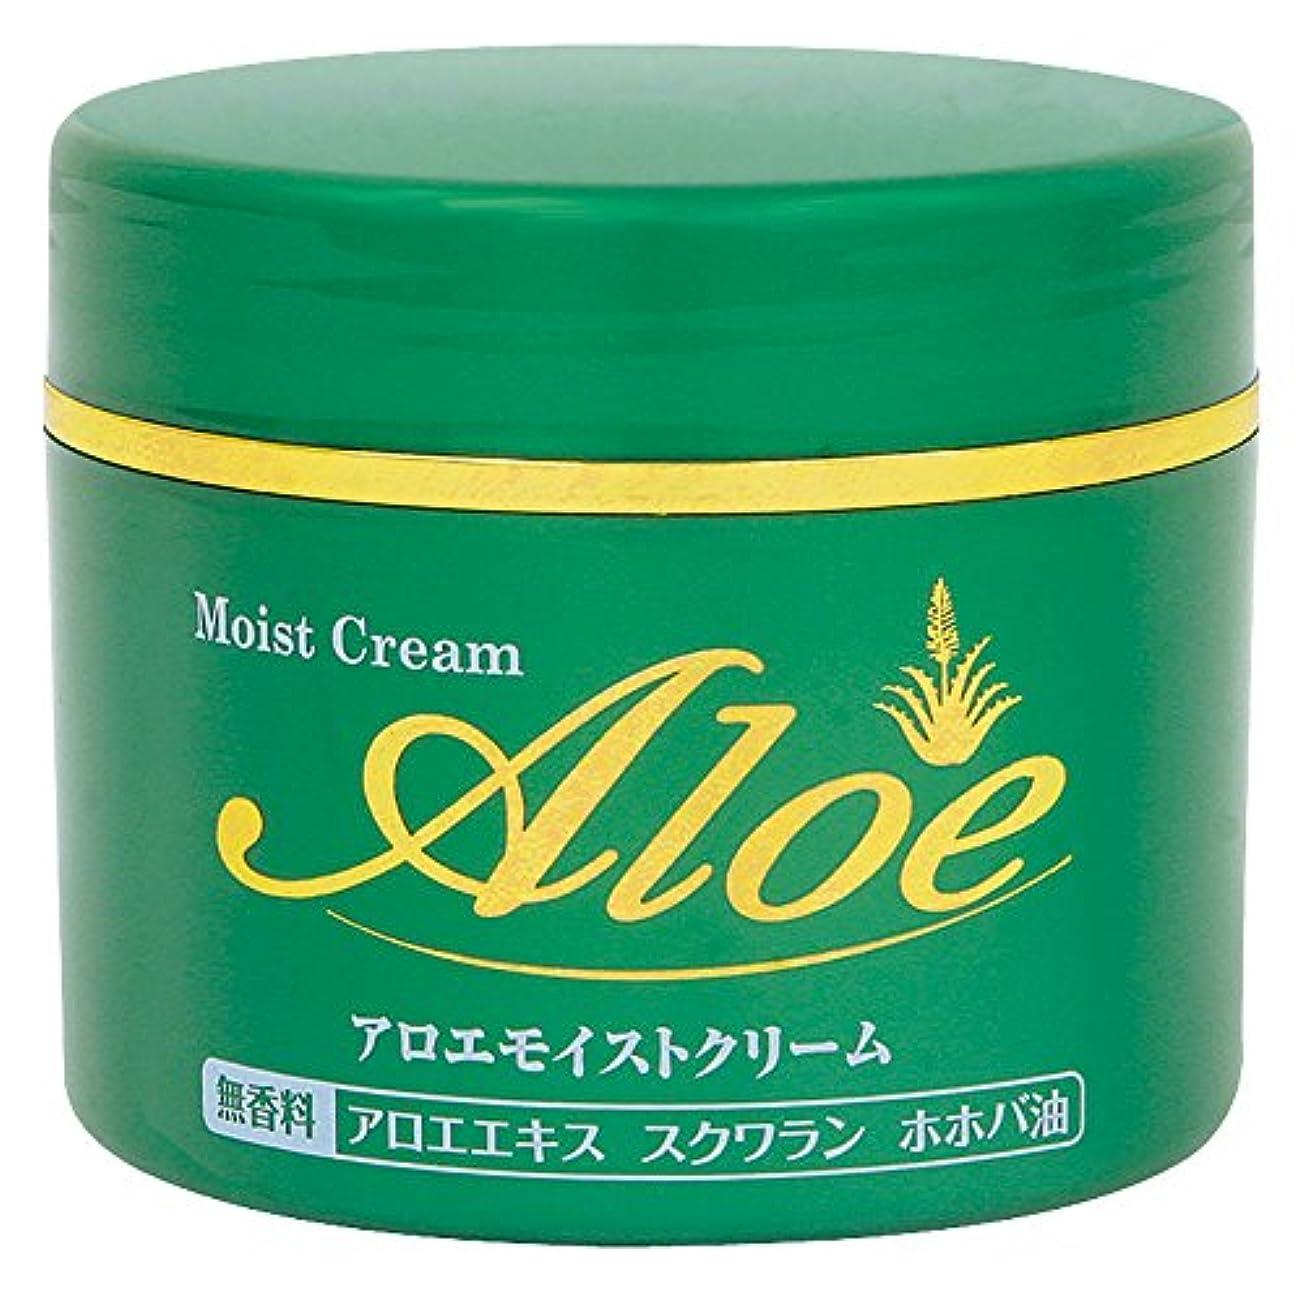 める気分が良い忠実に井藤漢方製薬 アロエモイストクリーム 160g (アロエクリーム 化粧品)